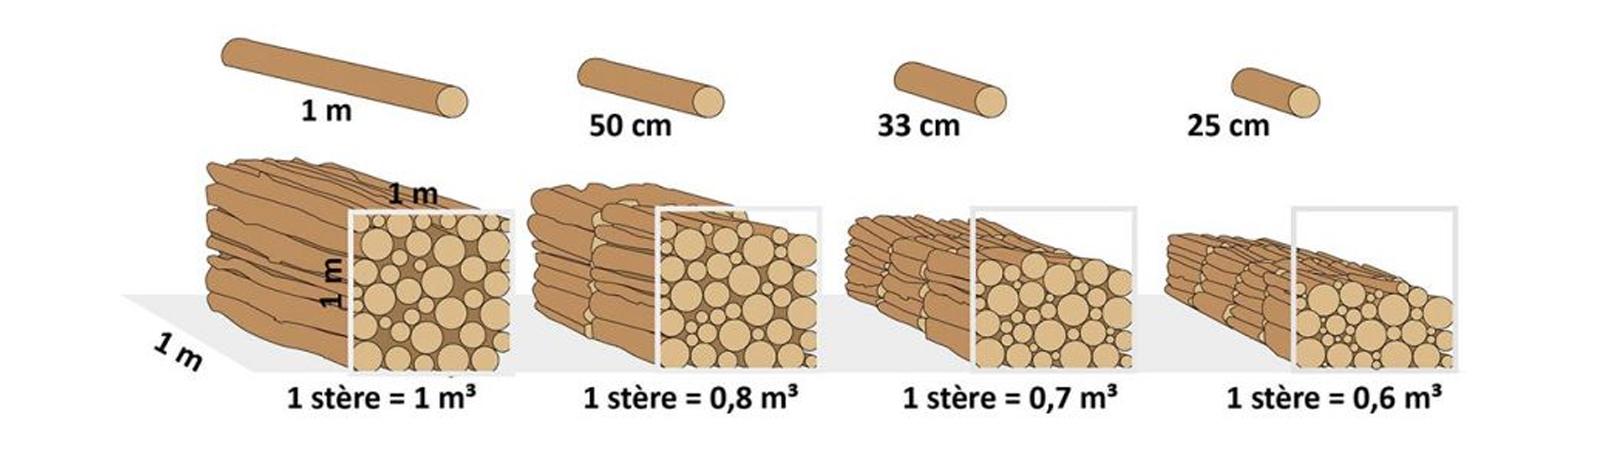 combien fait 1 stere de bois ?